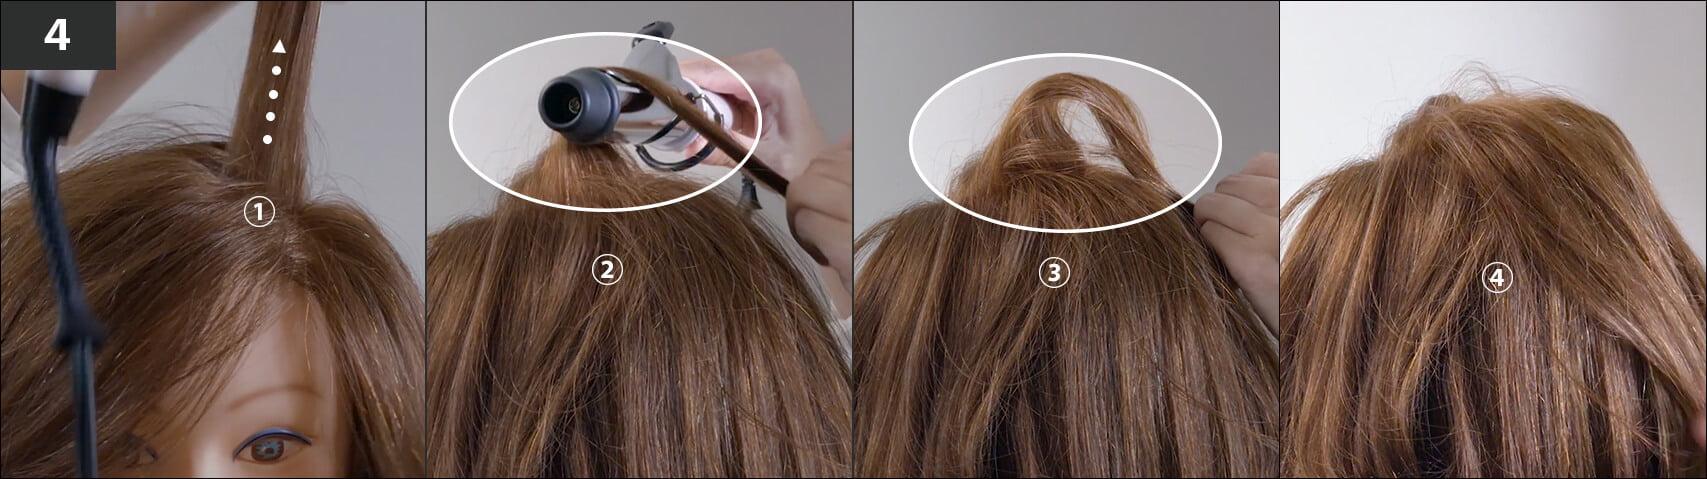 ロングボブ コテの巻き方 巻き髪 アレンジ